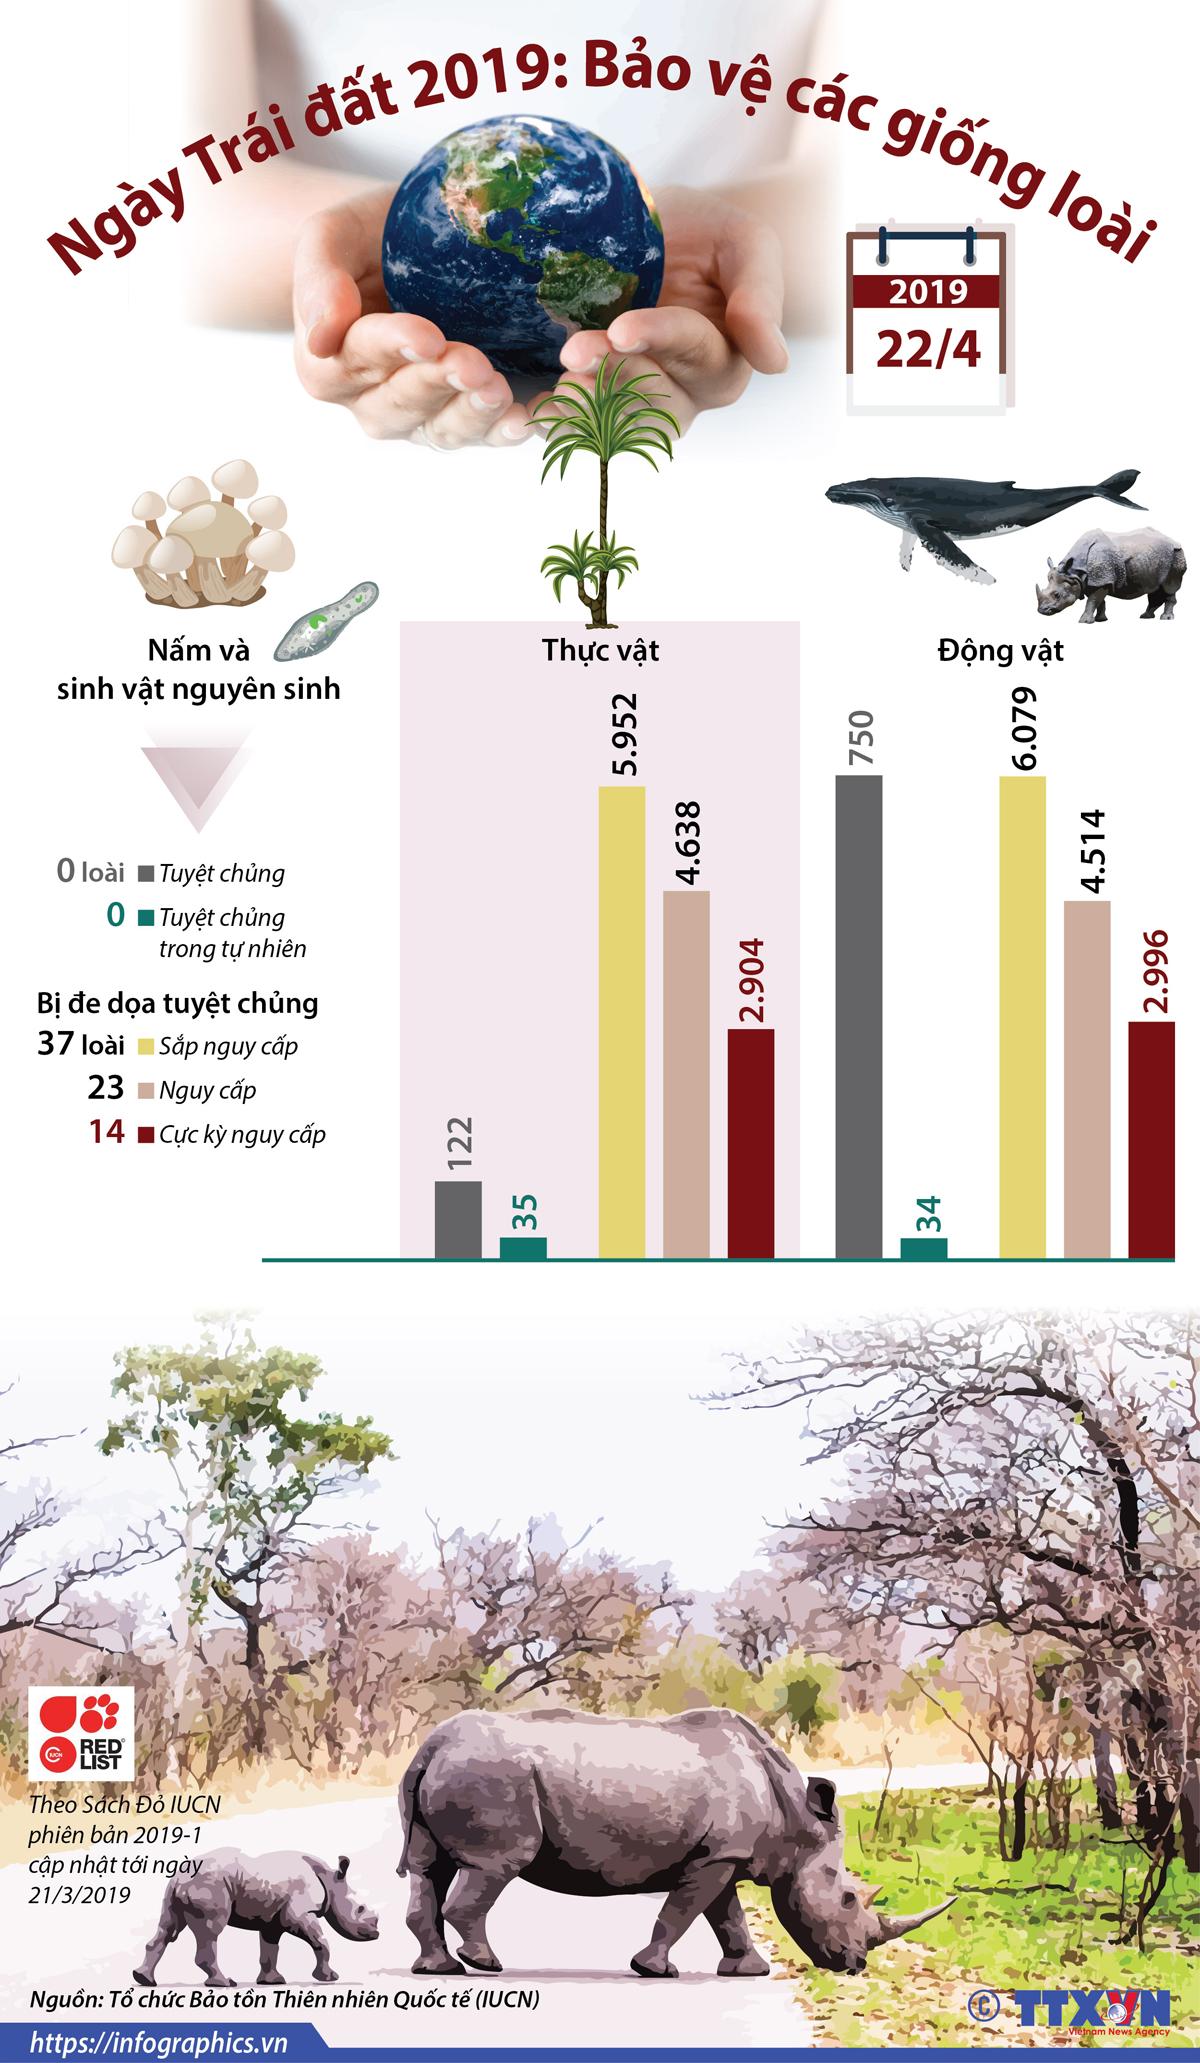 giáo dục, khoa học, ngày trái đất 2019, bảo vệ, các giống loài